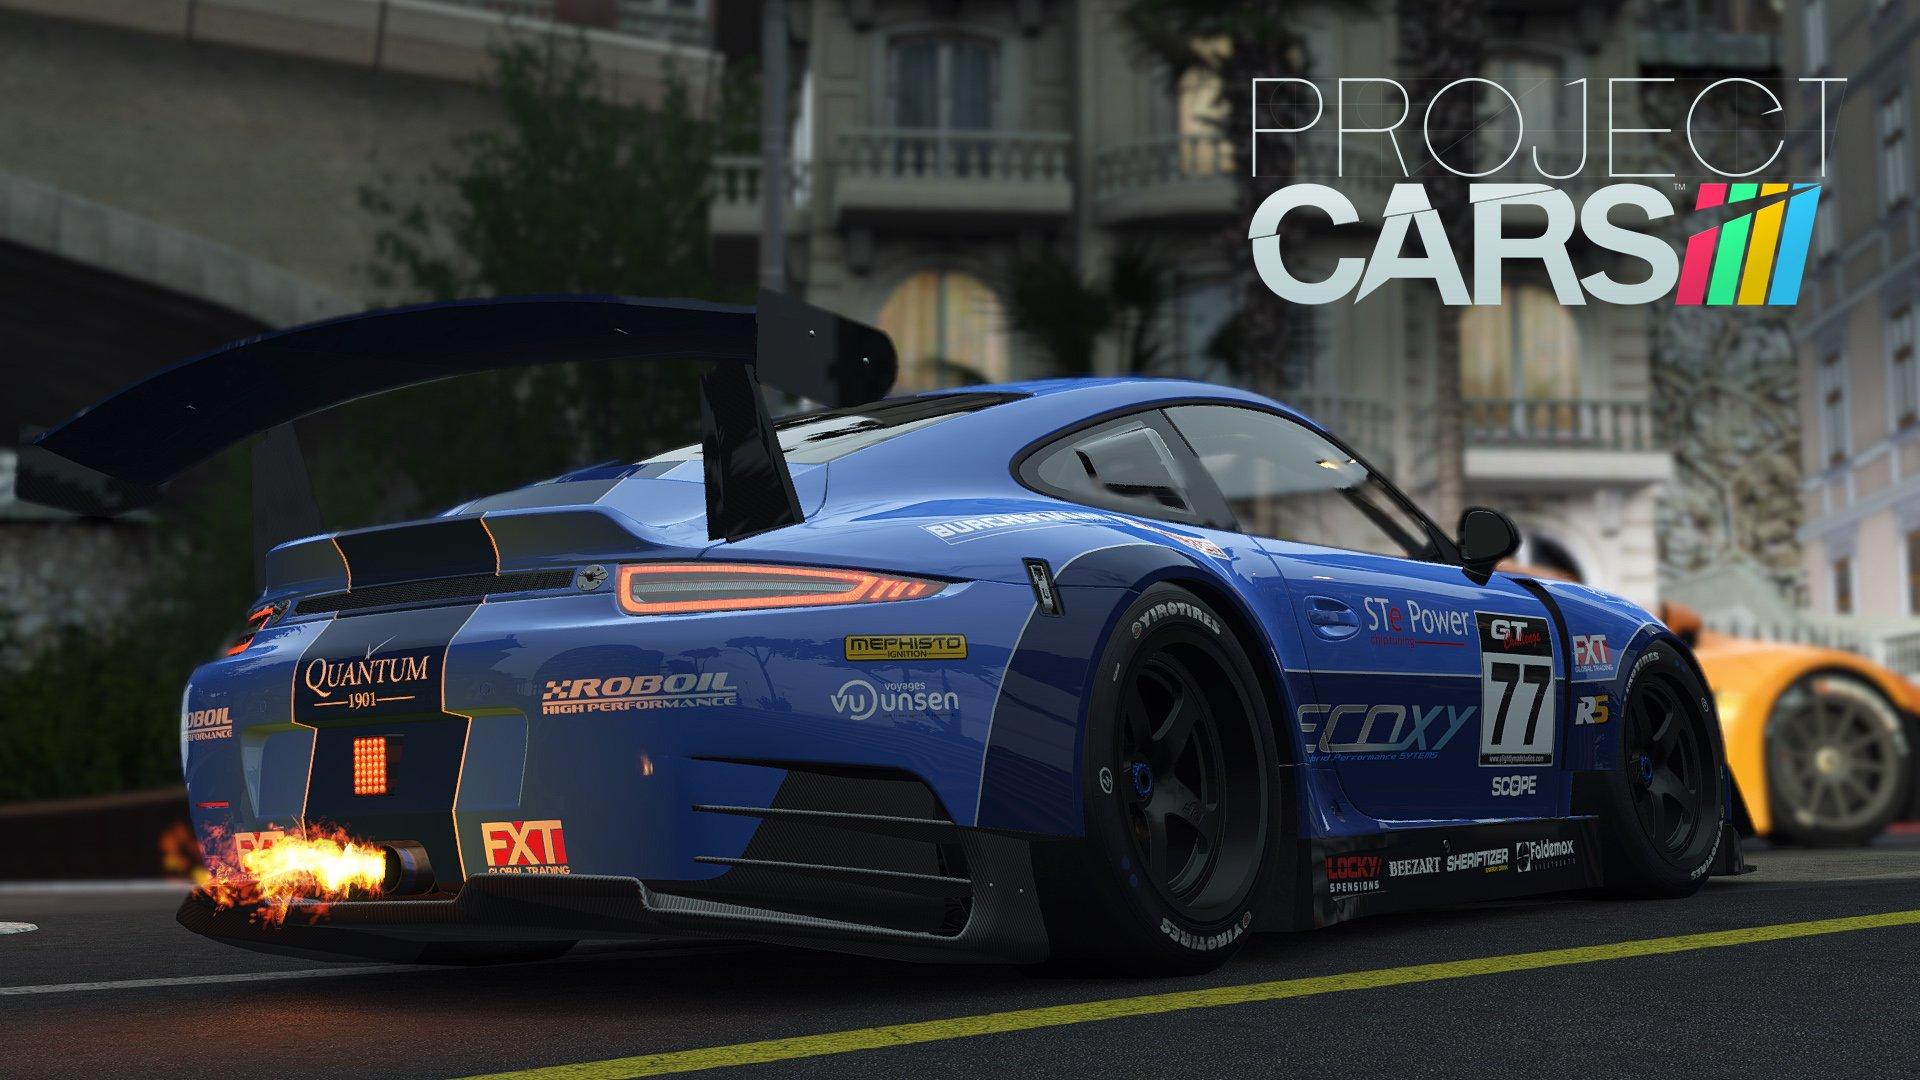 [ Project CARS ] обзор, мнение, первый взгляд - не конкурент Gran Turismo 6 [ Logitech G27]  - Изображение 1